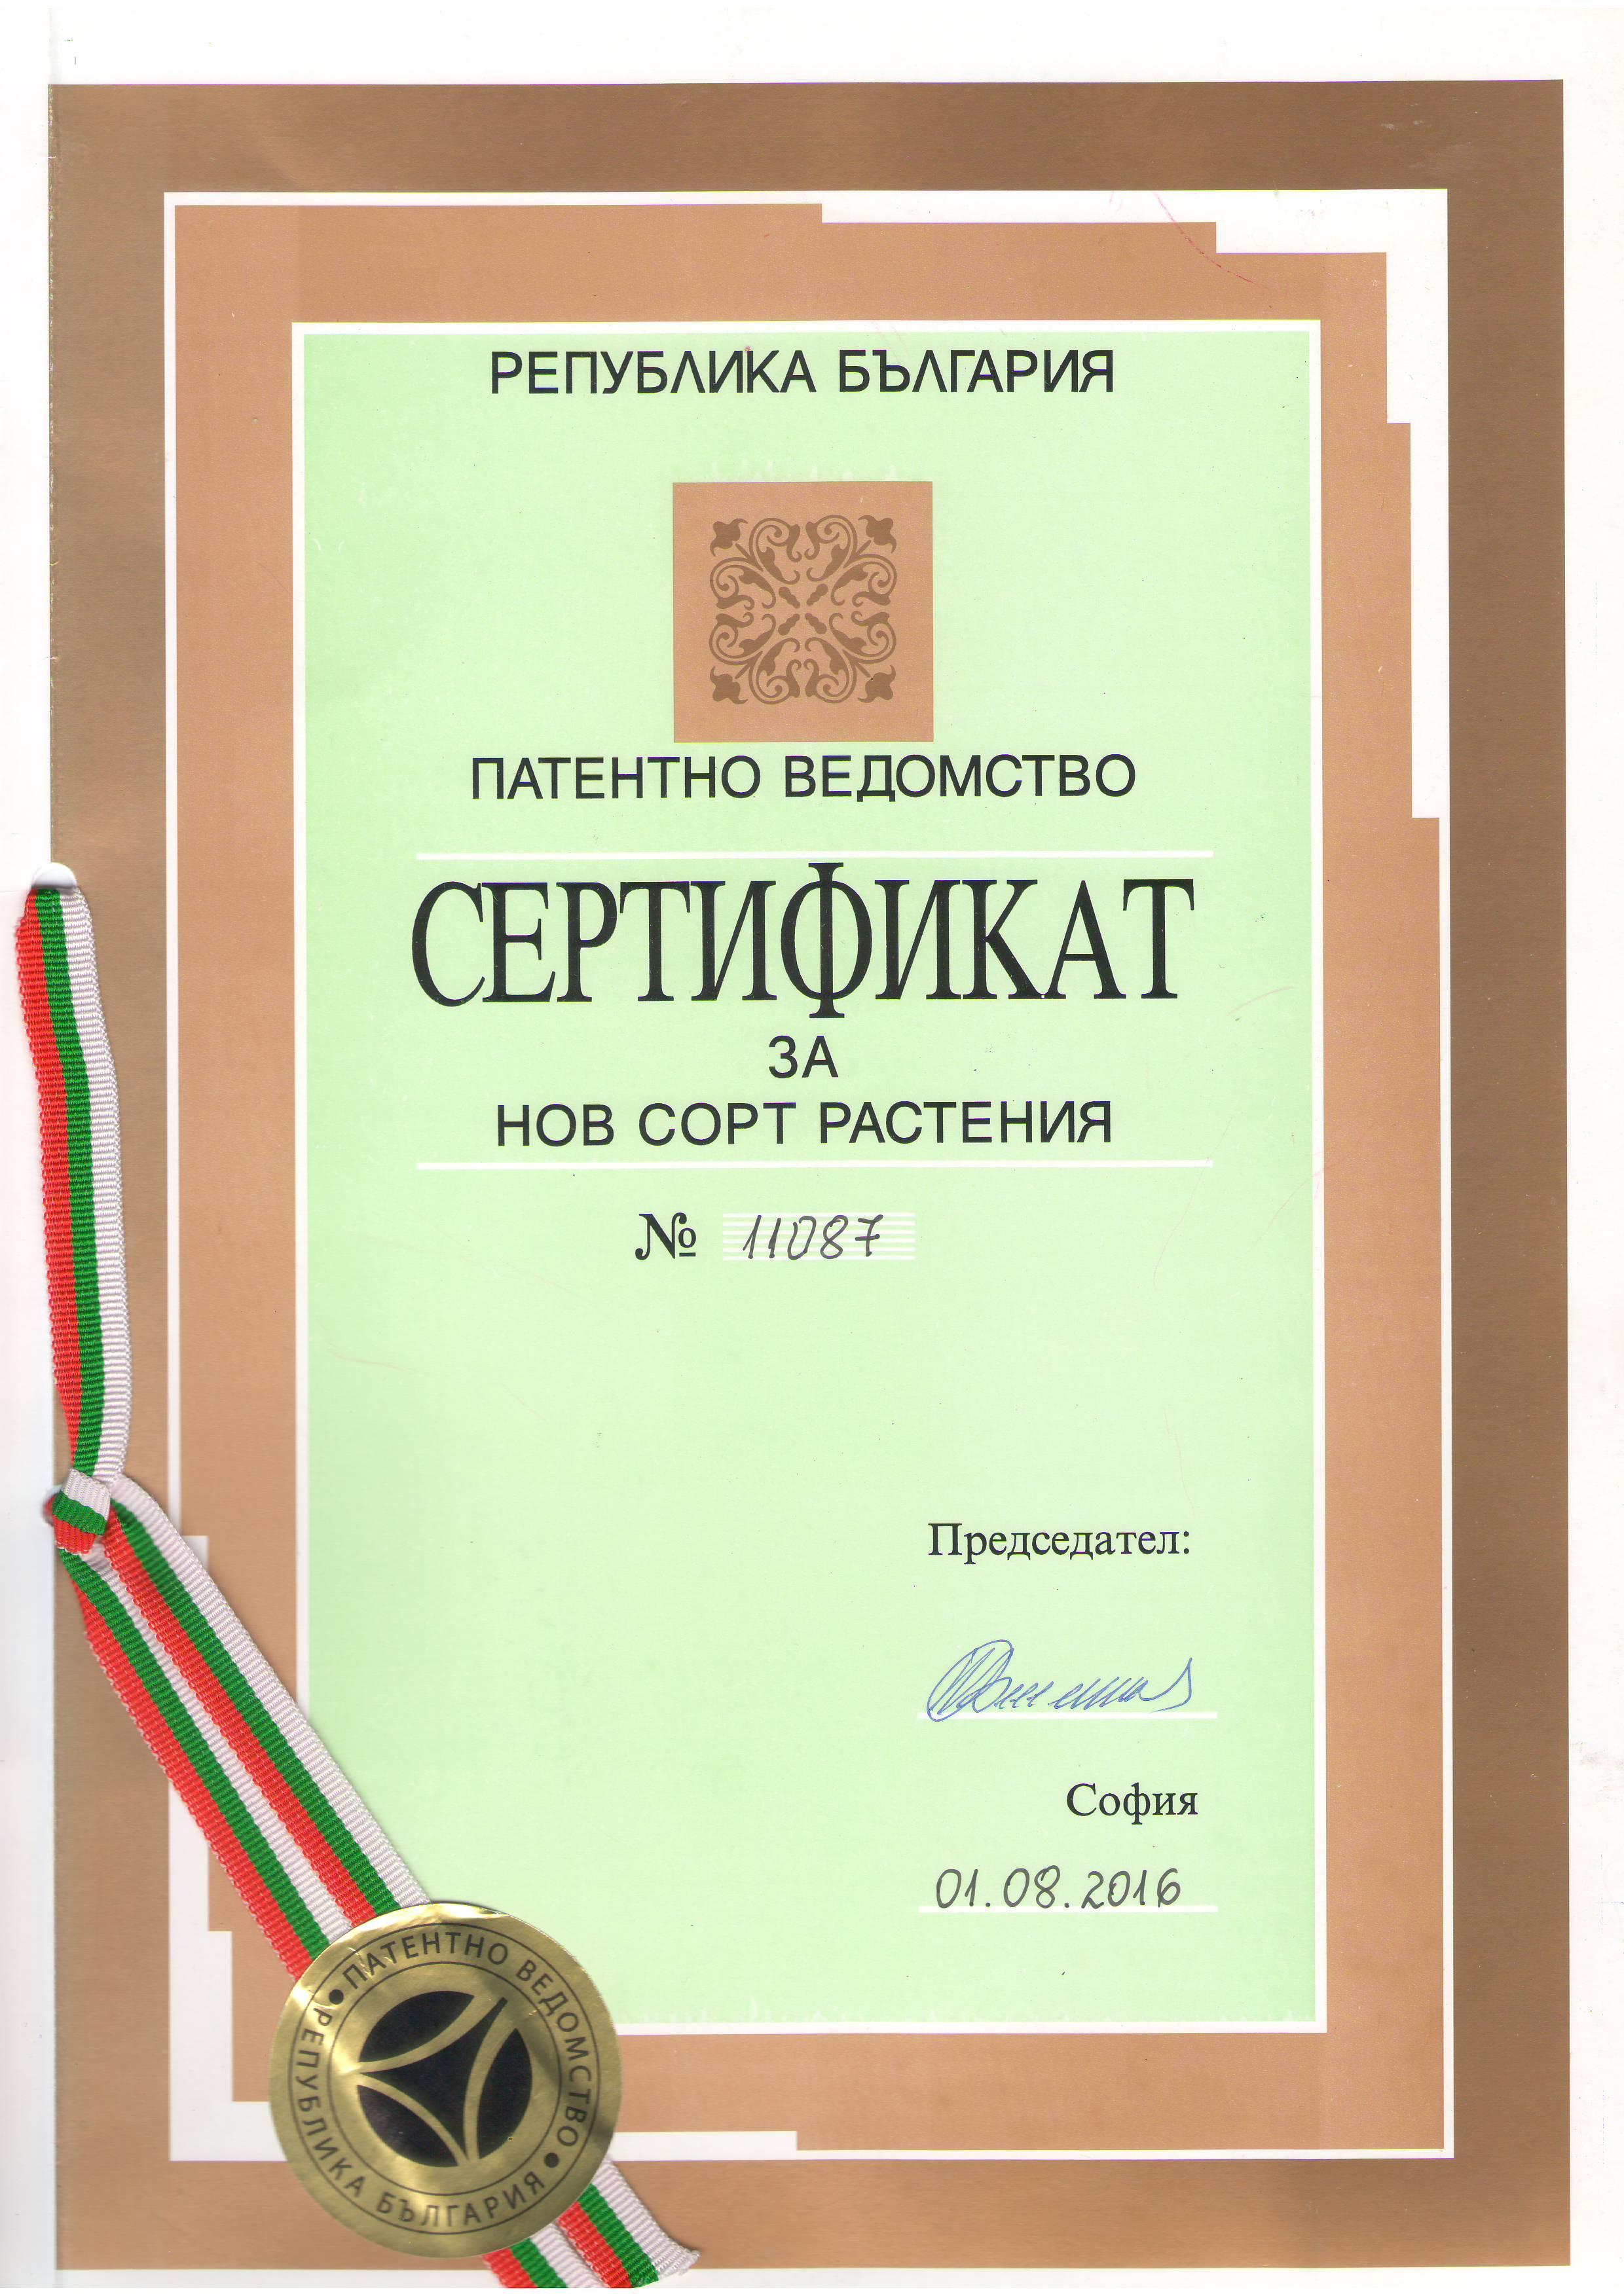 Patent Paulownia Bellissia